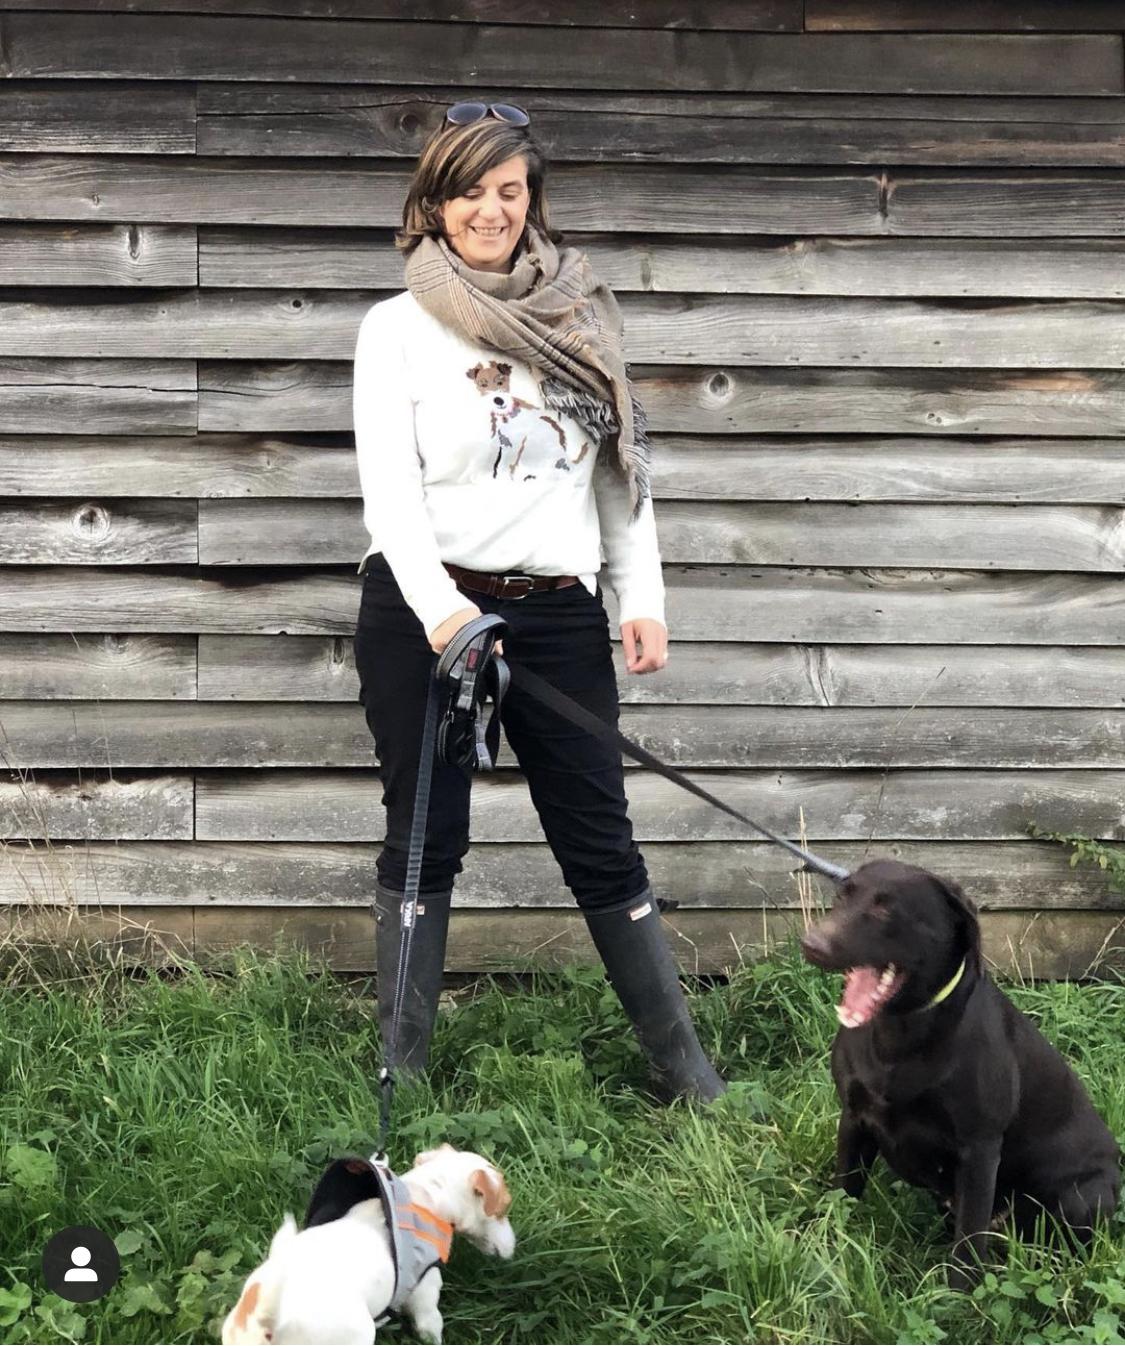 femme avec ses chiens dehors à la campagne sophie-charlotte chapman